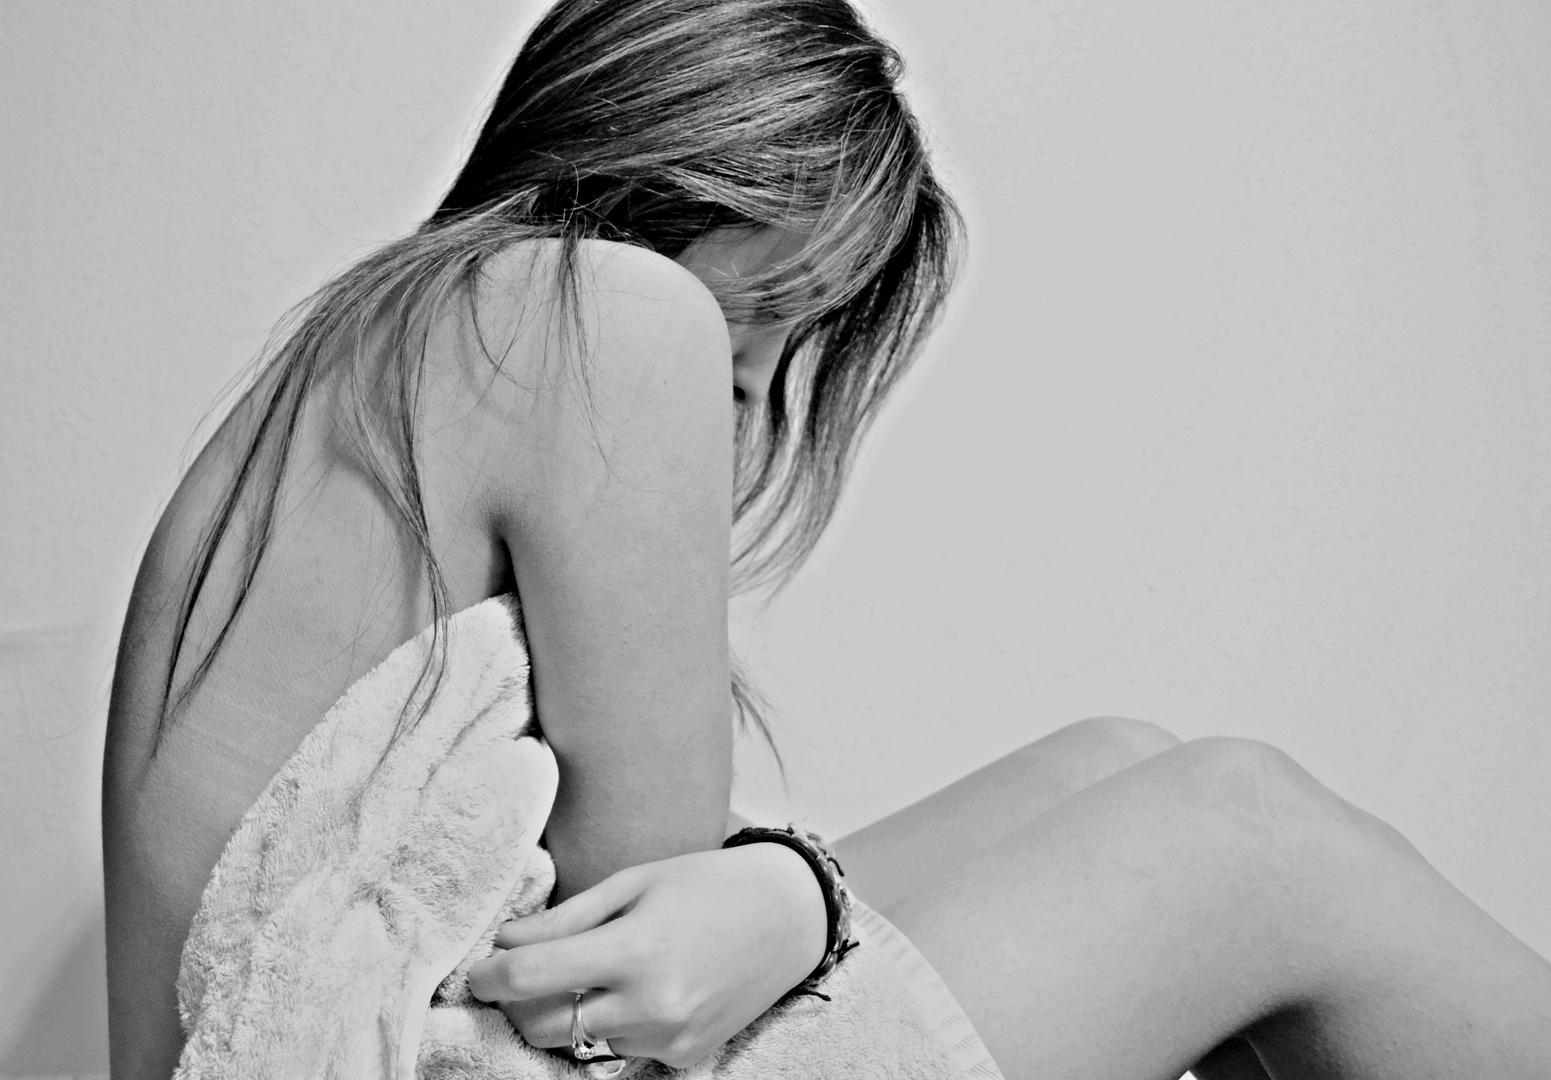 Loneliness.